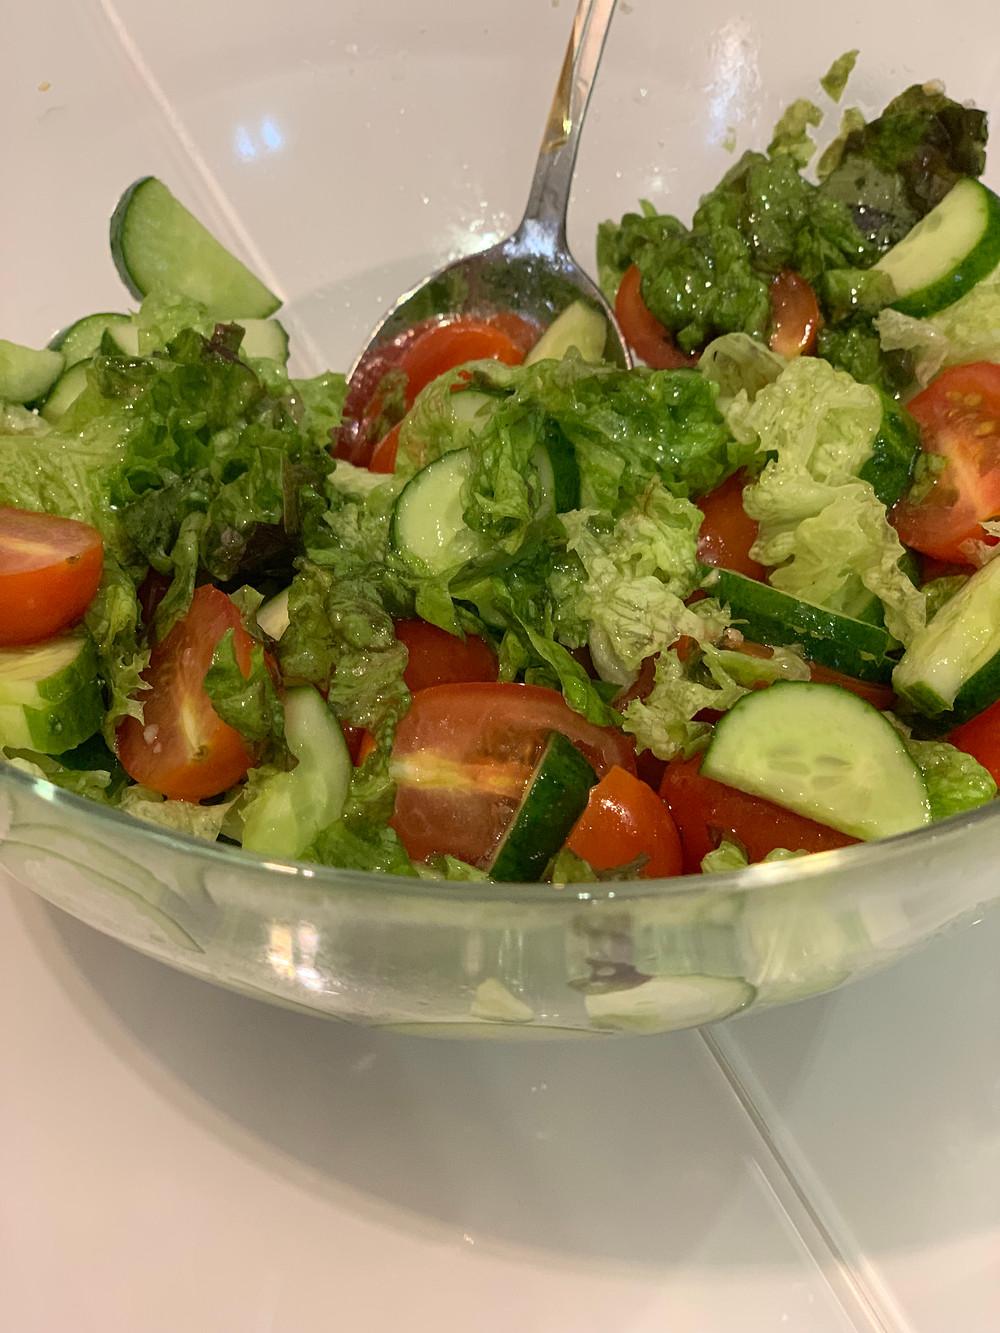 Простой рецепт овощного салата с лимонно-бальзамическим дрессингом. Низкокалорийное питание